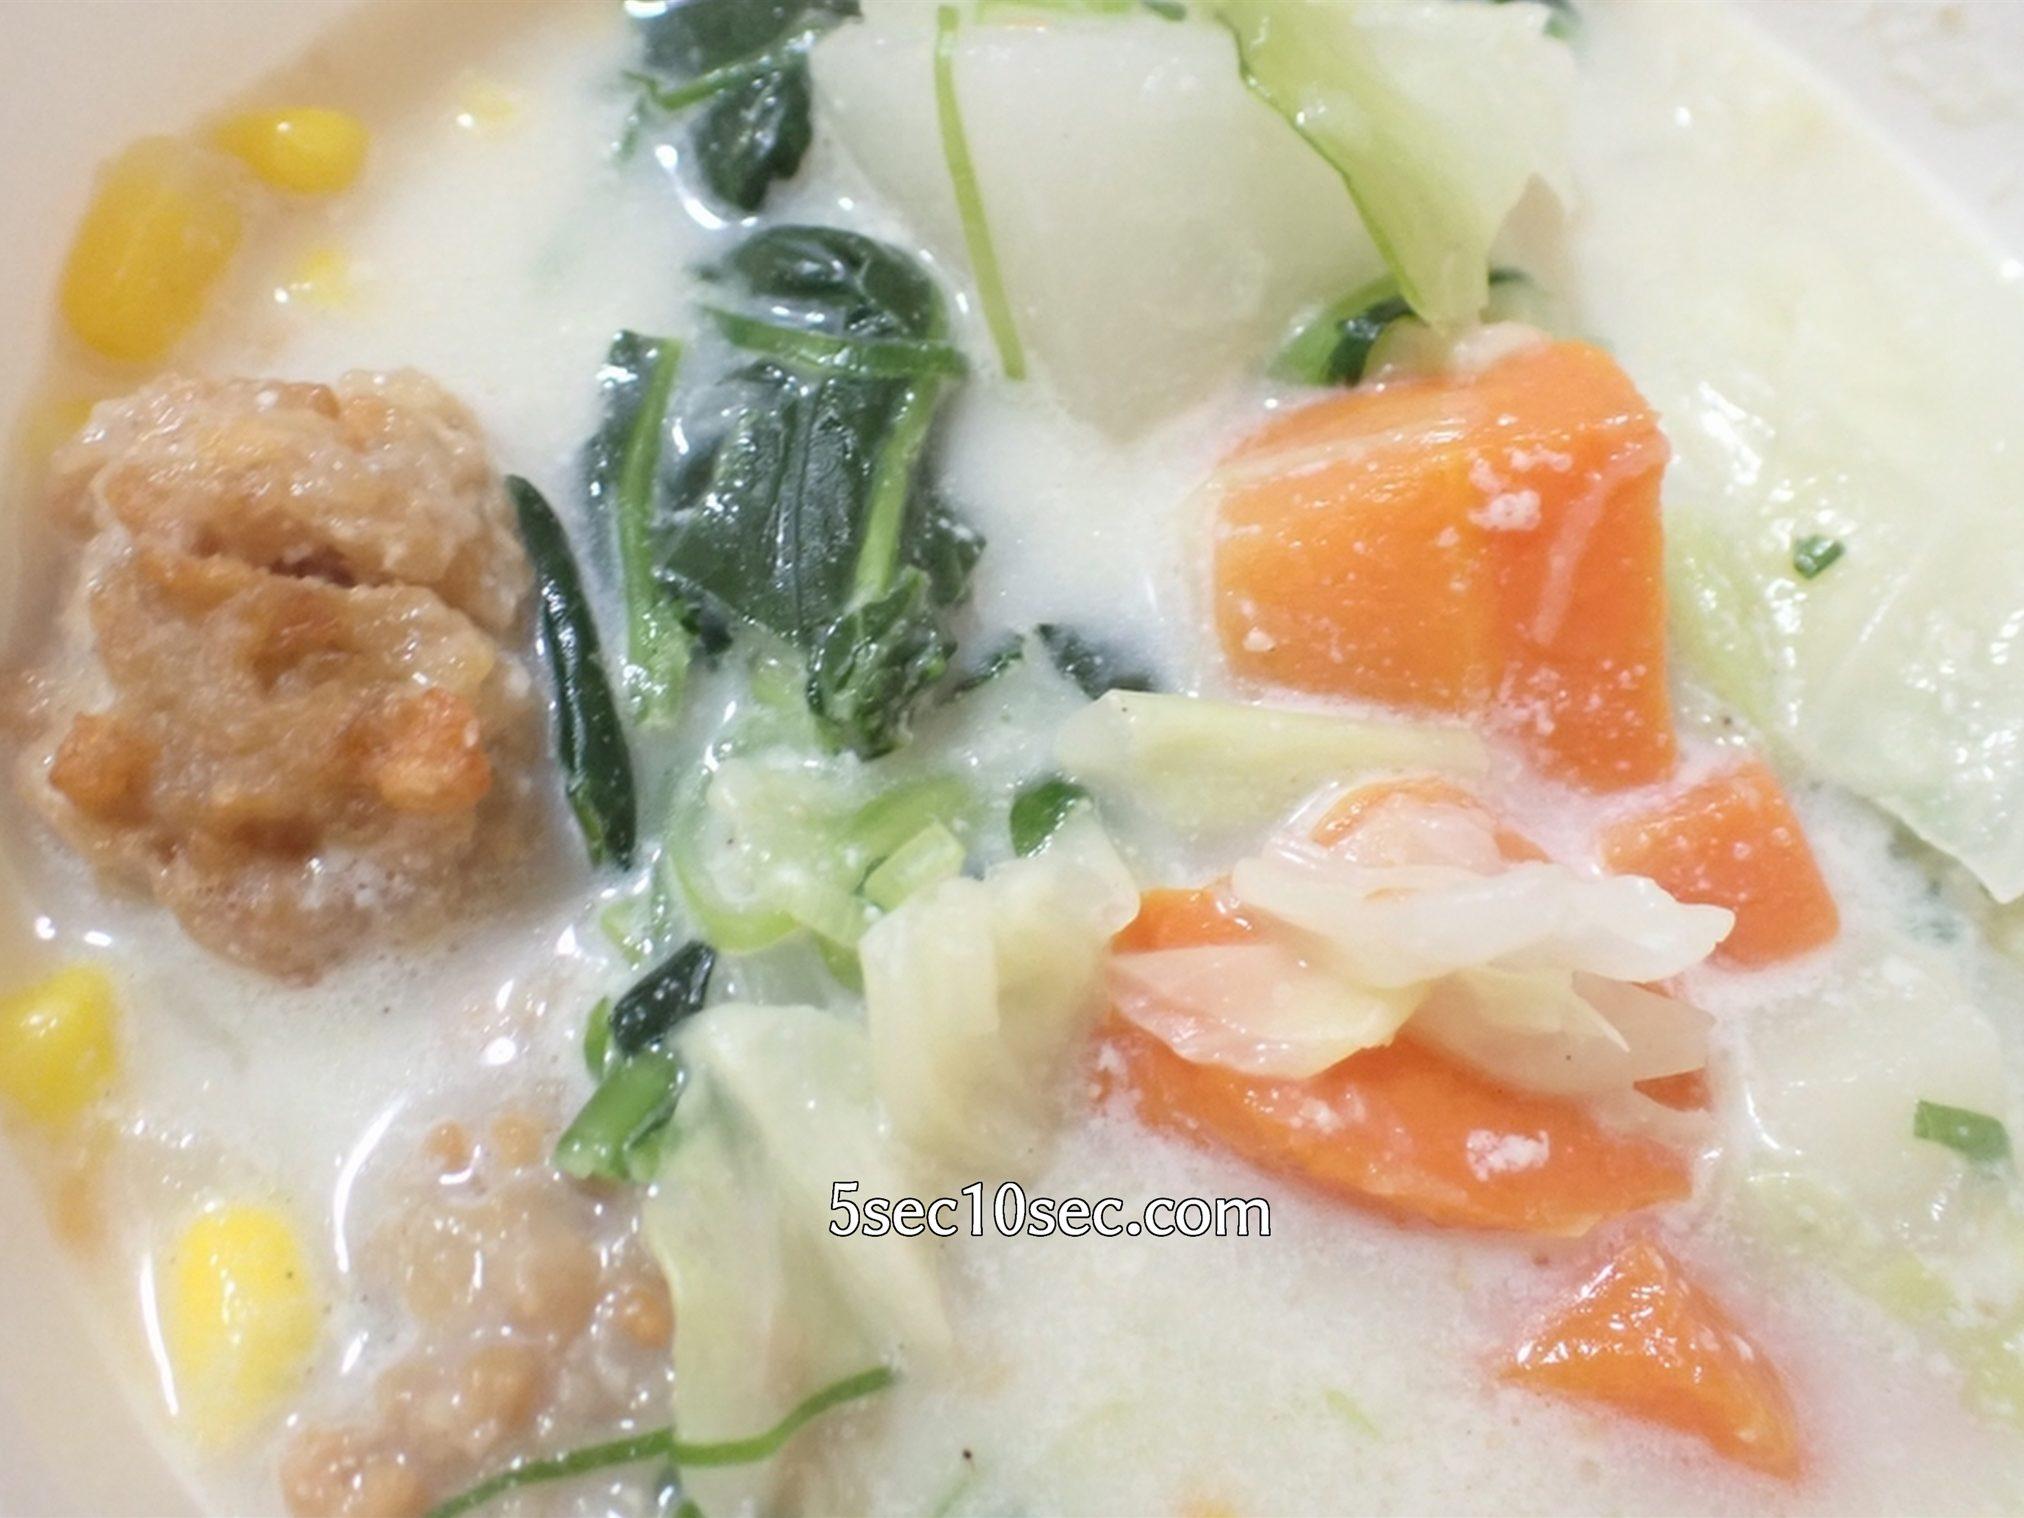 ウェルネスダイニング ベジ活スープ食 ごま豆乳の中に入っている野菜の具材の写真